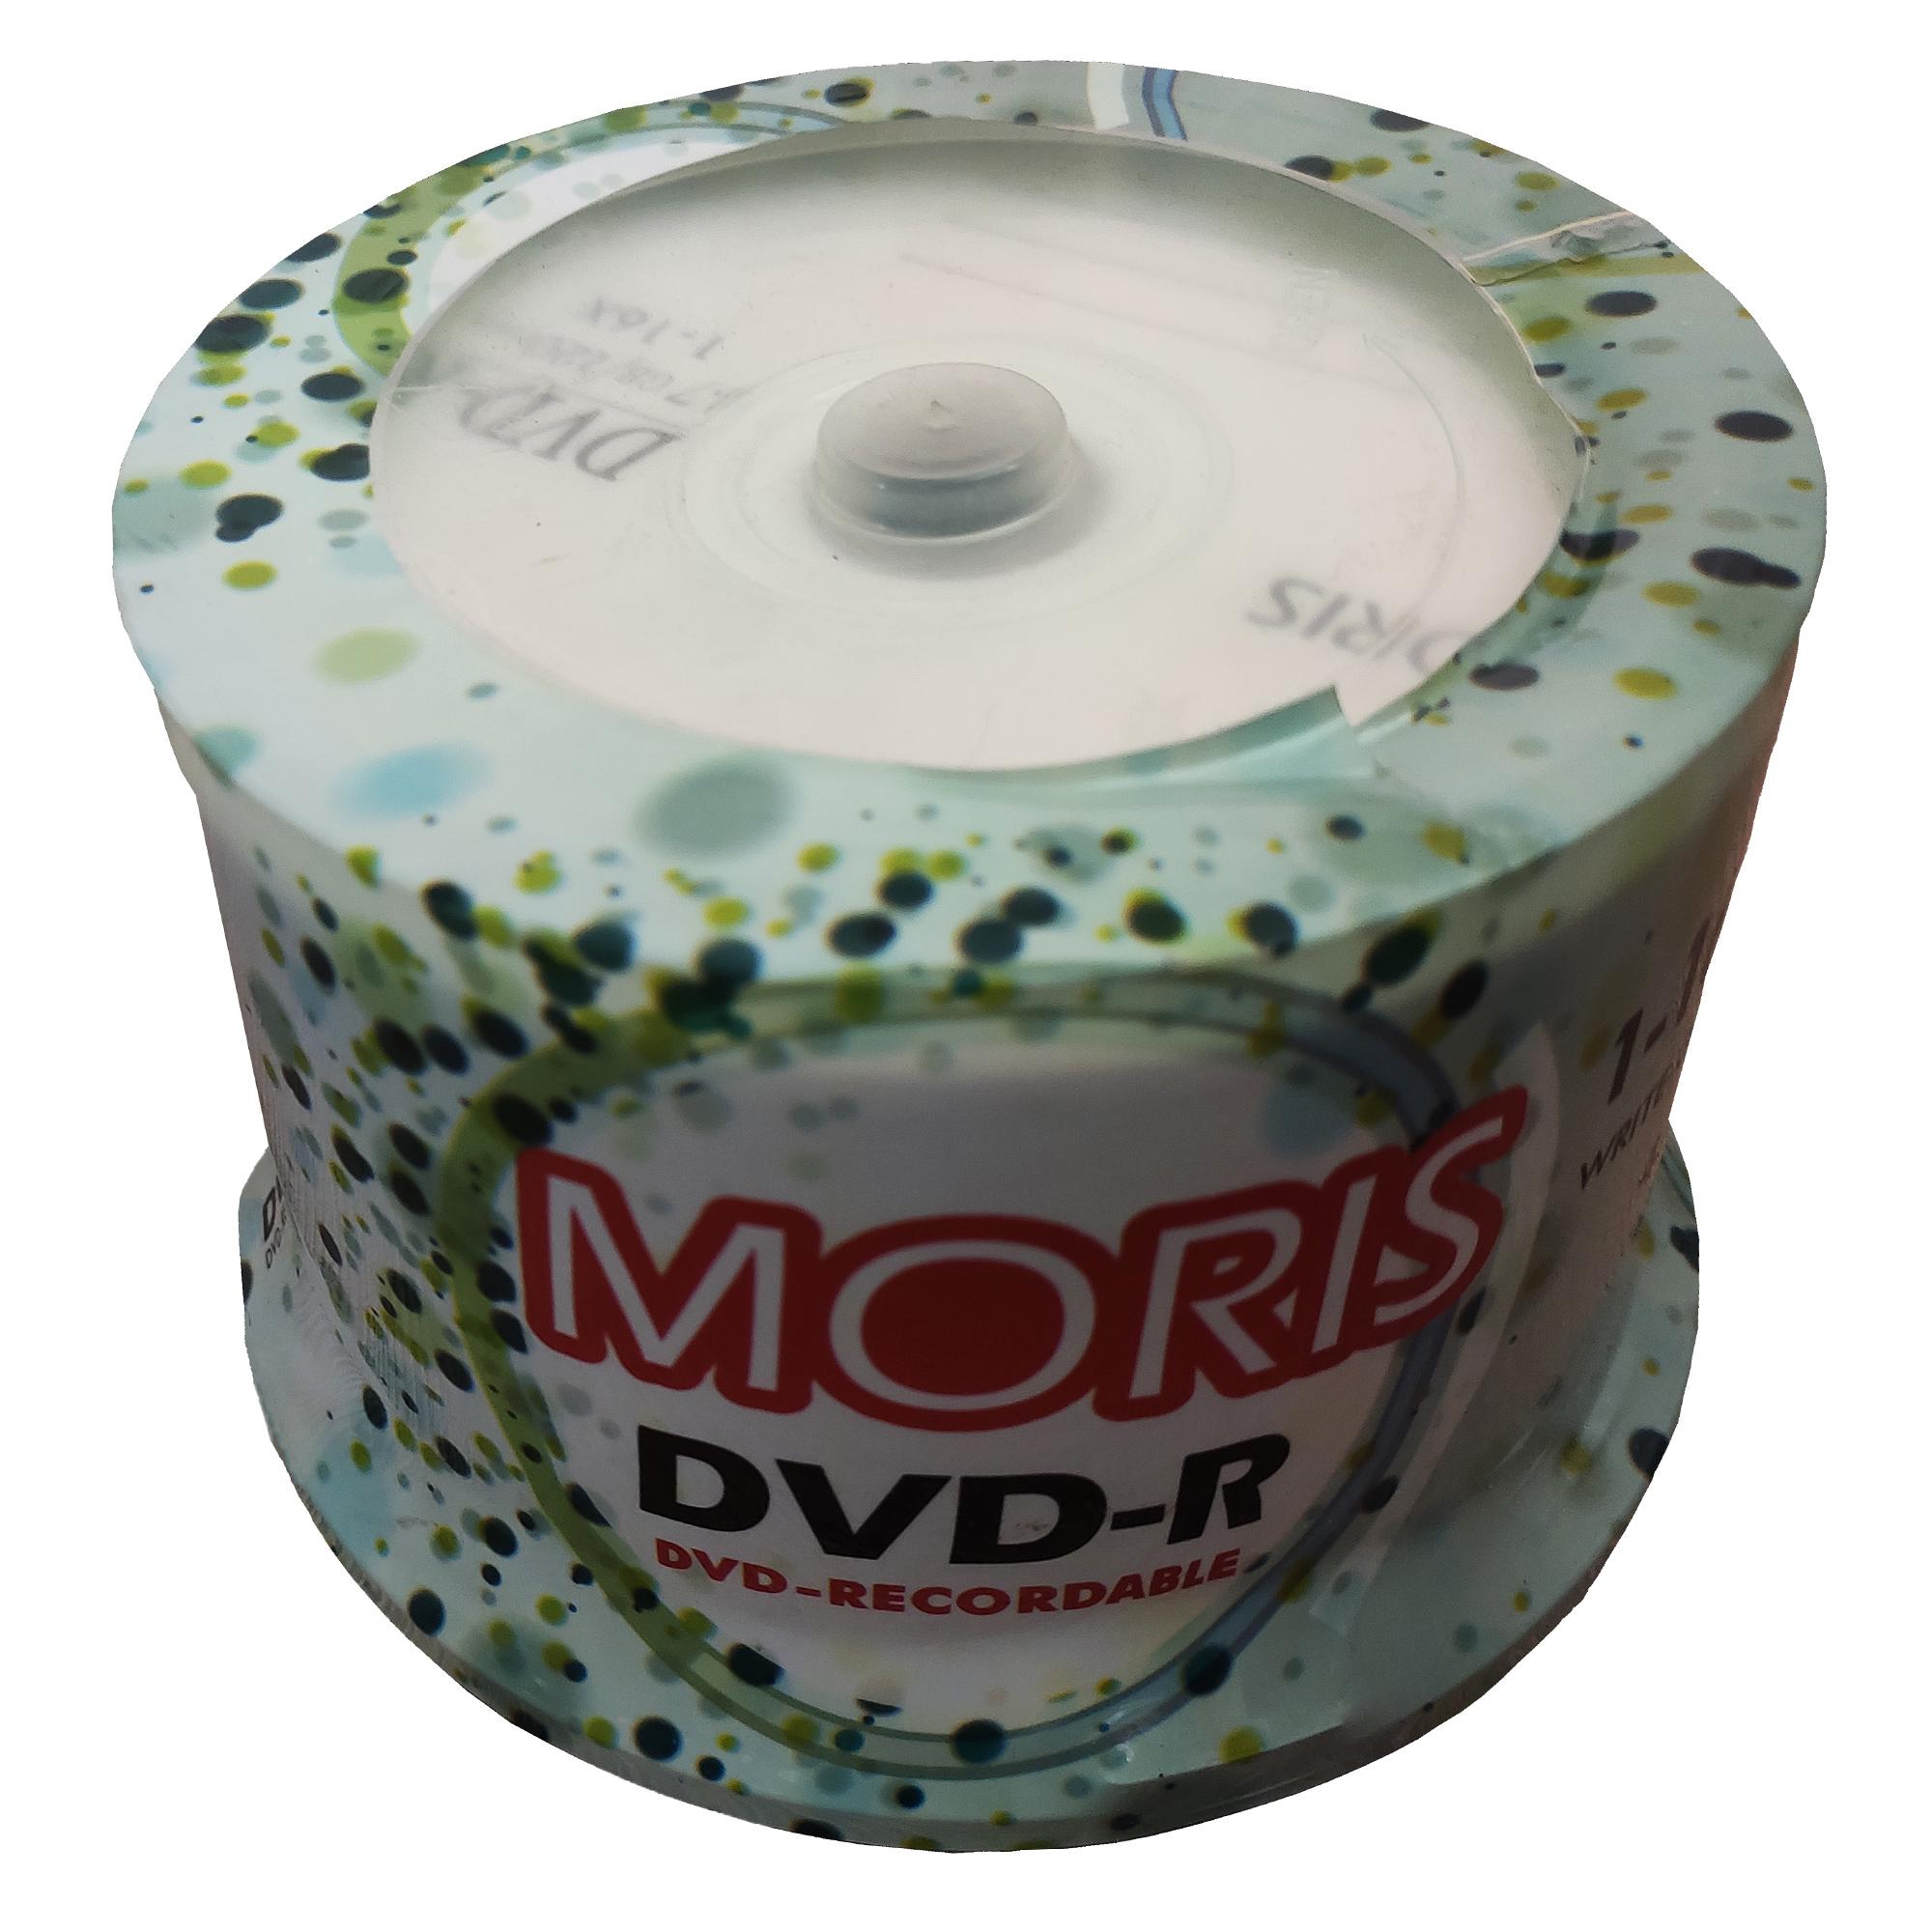 دی وی دی خام موریس مدل 16x بسته 50 عددی